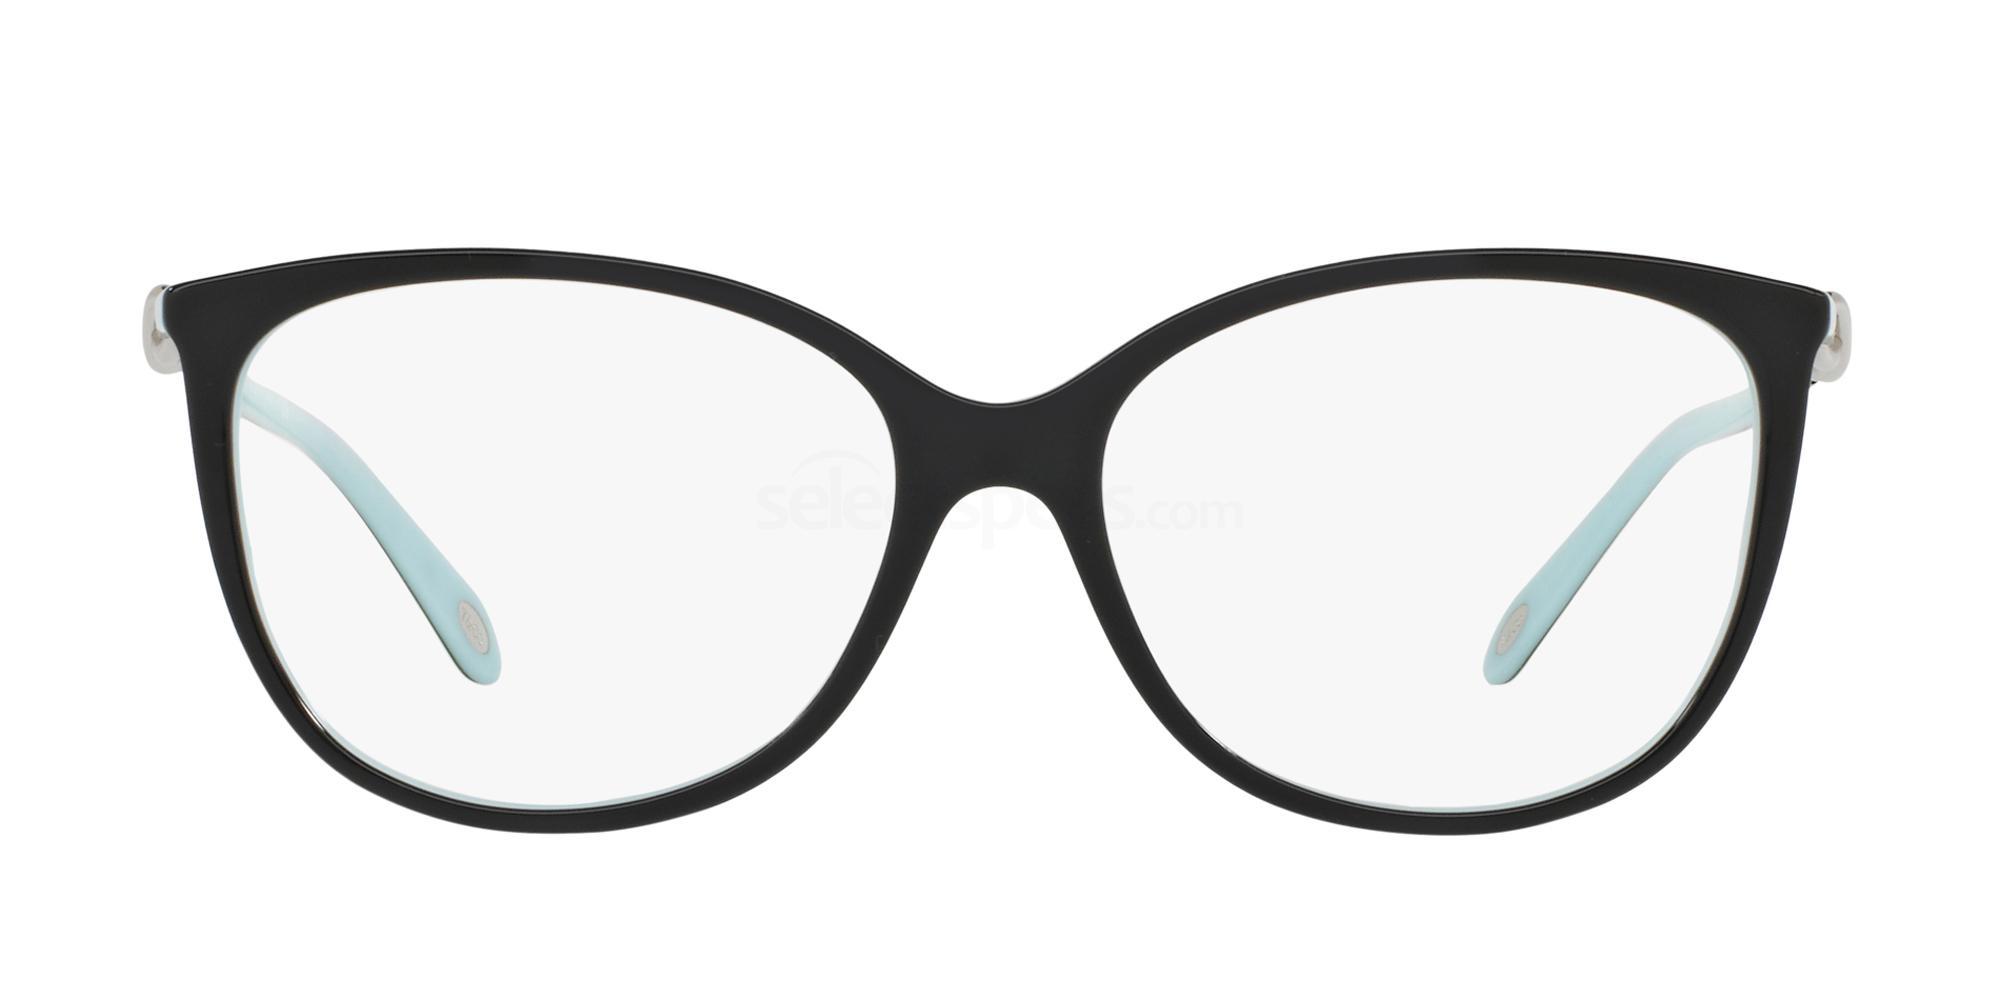 8055 TF2143B Glasses, Tiffany & Co.